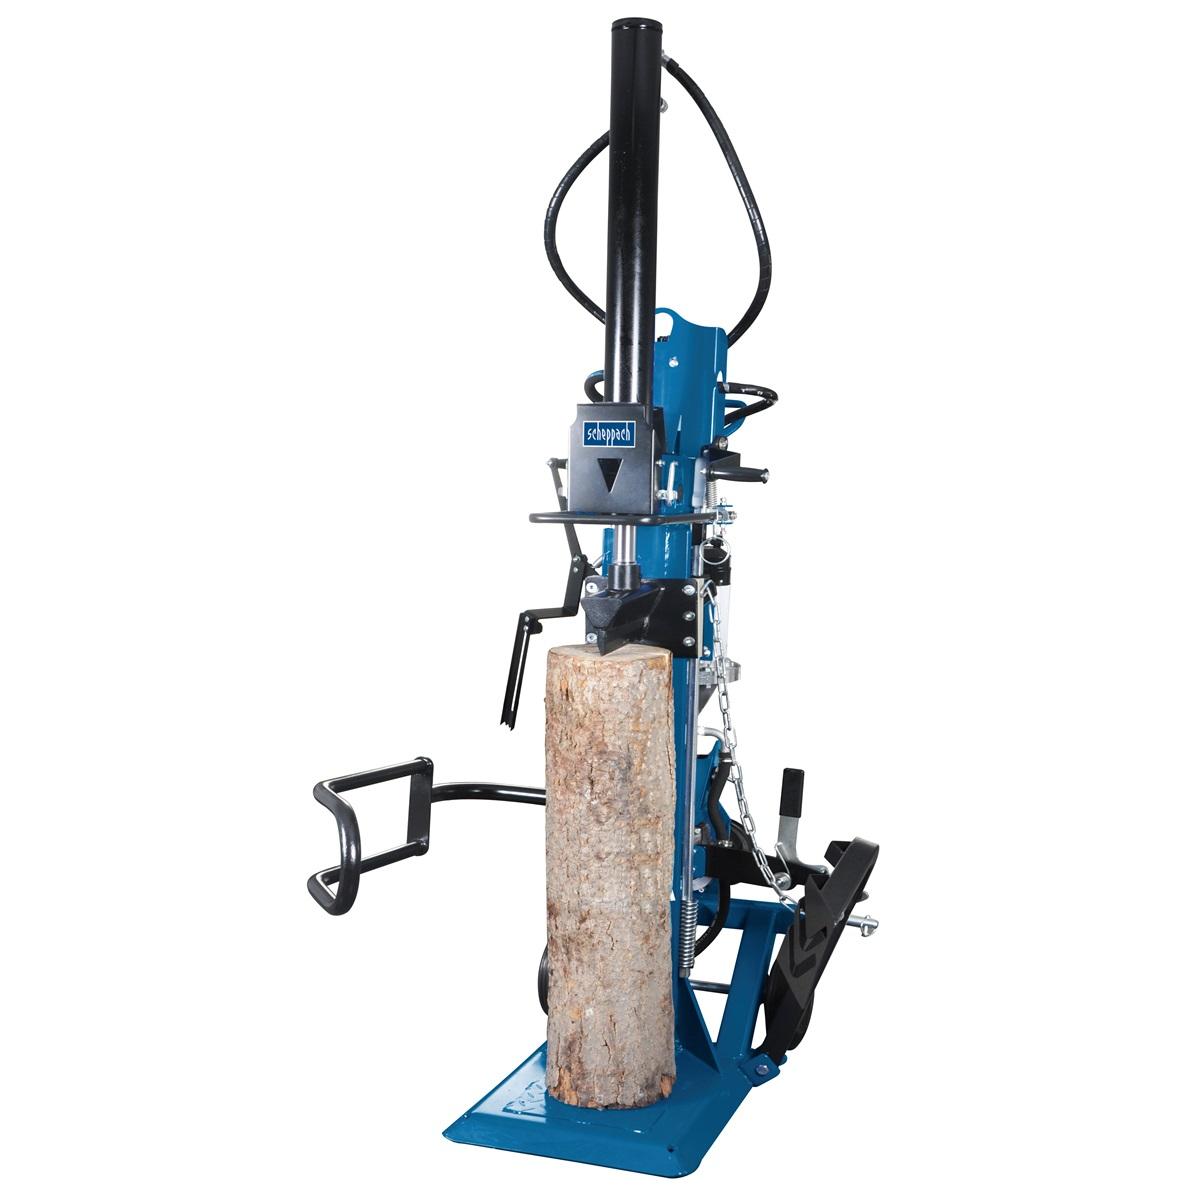 Scheppach HL 1600 M vertikální štípač na dřevo 16t (400 V) + servis EXTRA